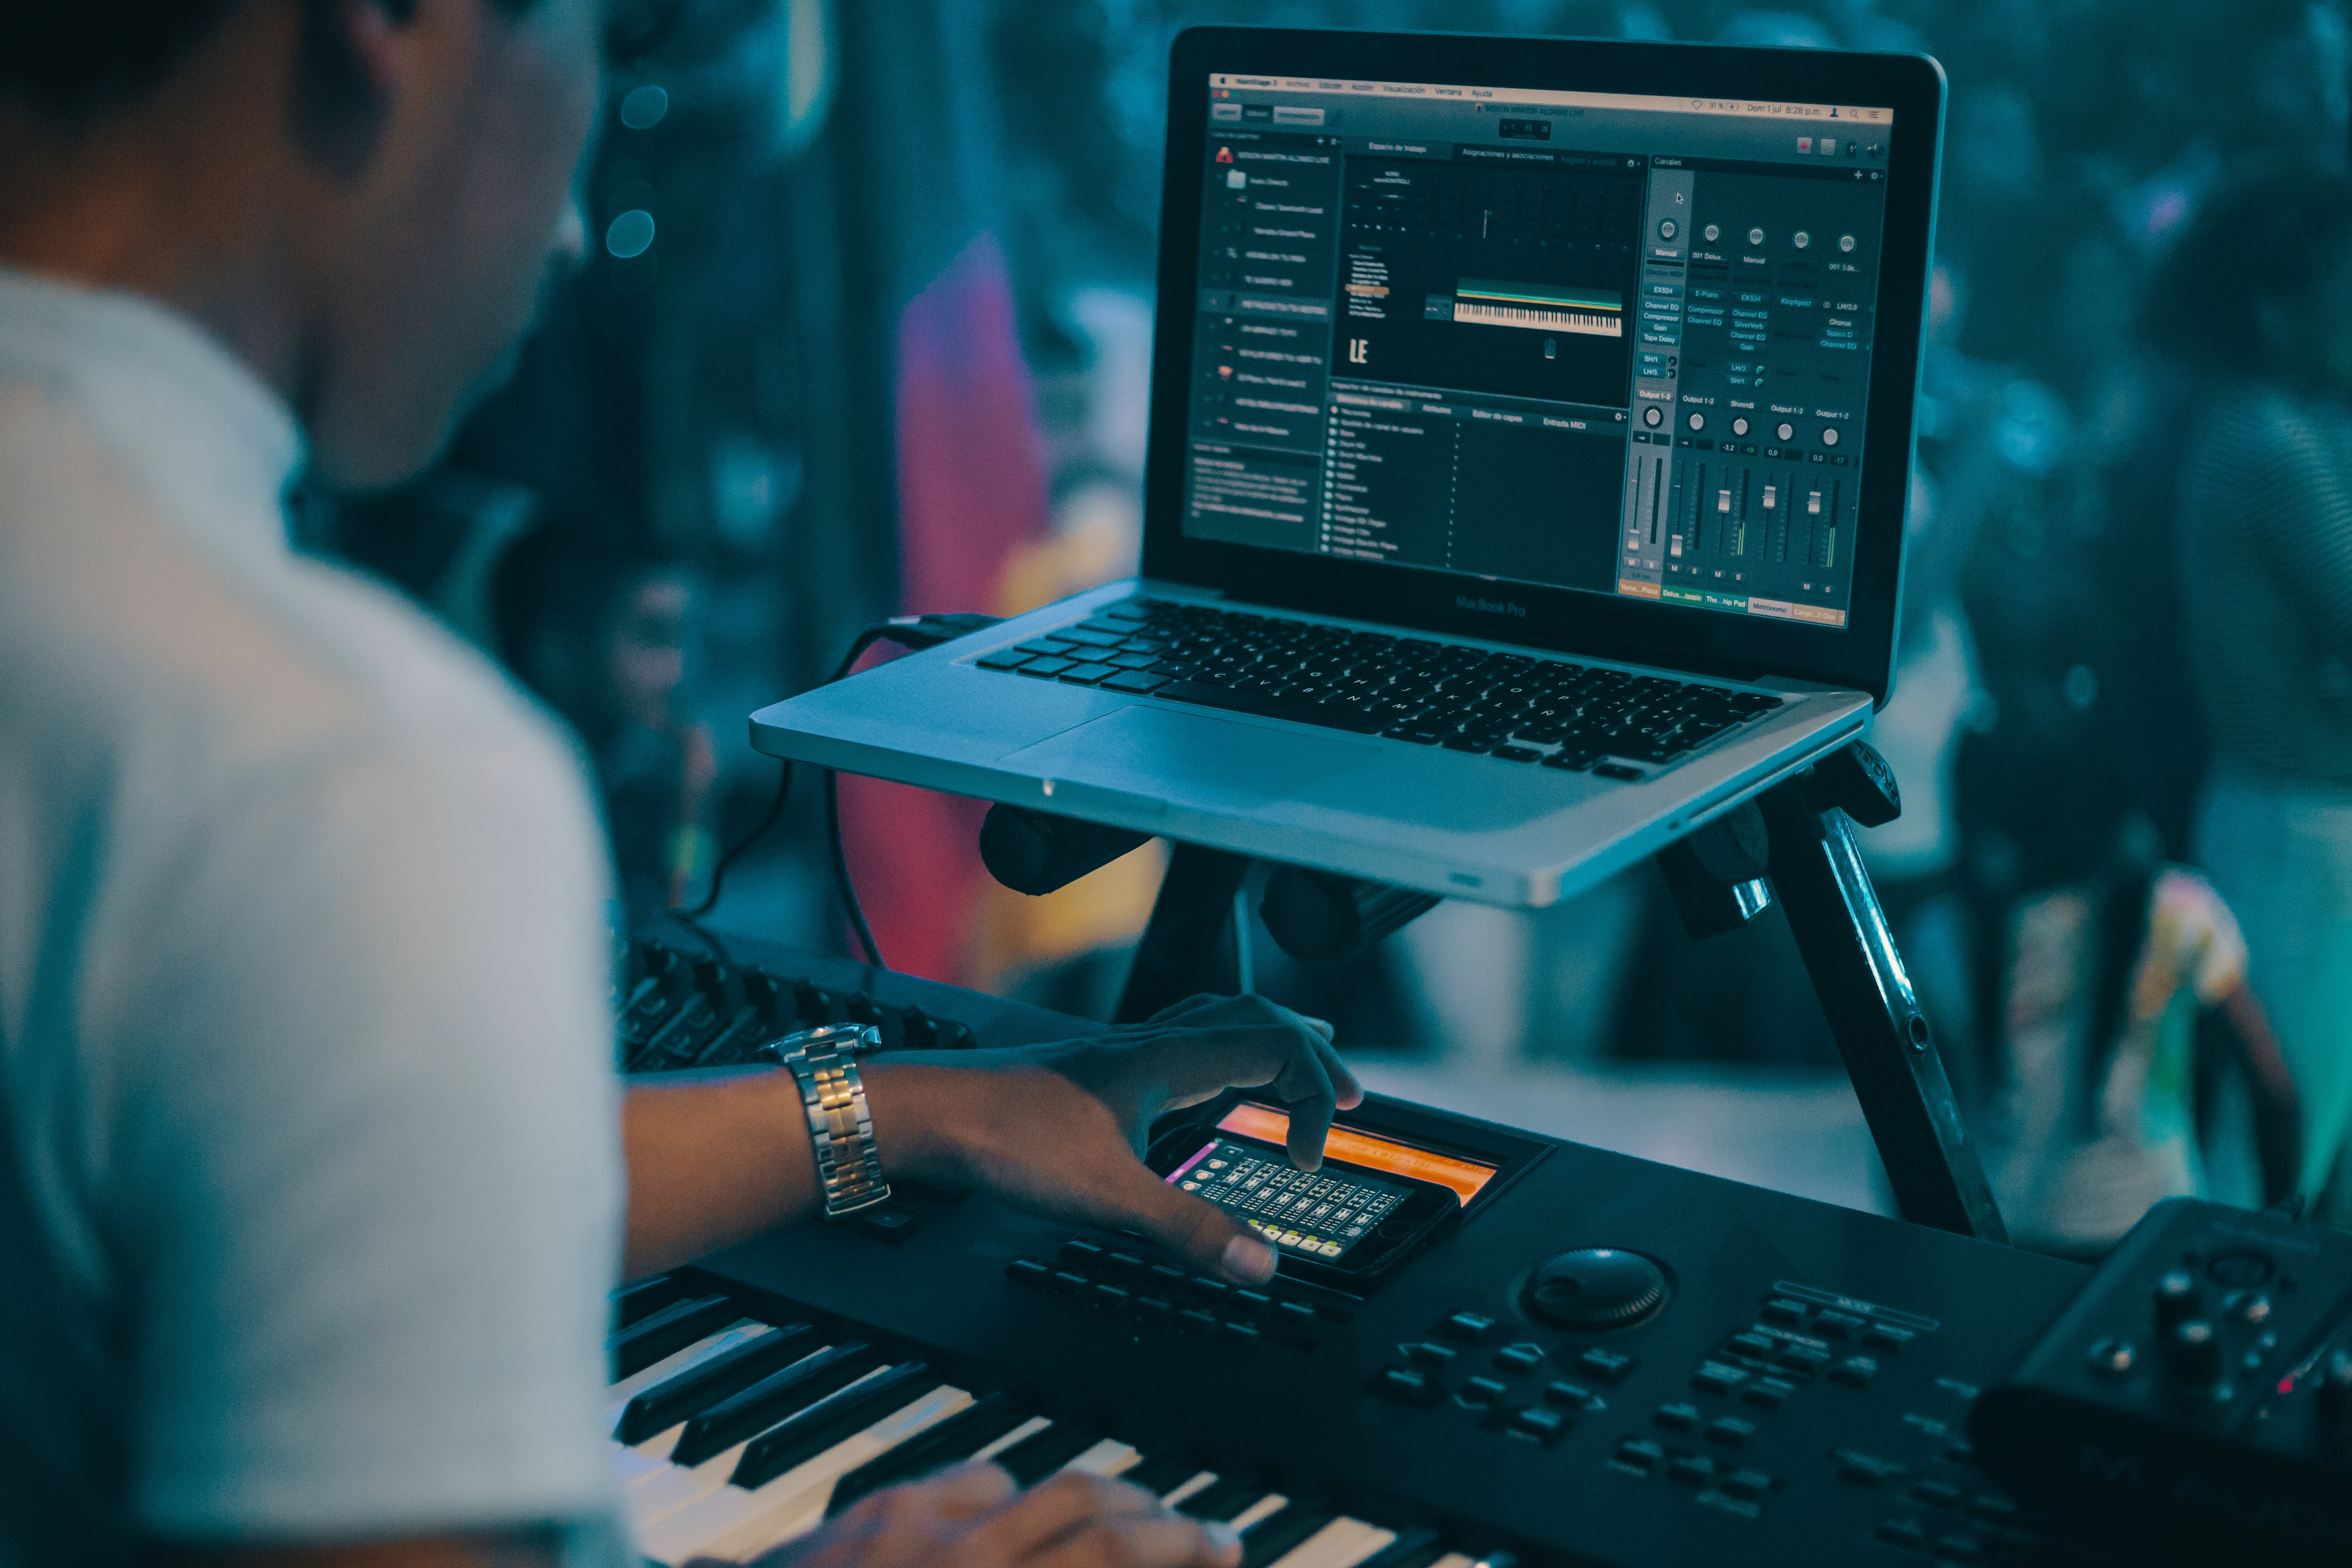 midiキーボードでDTM作業をする男性の写真